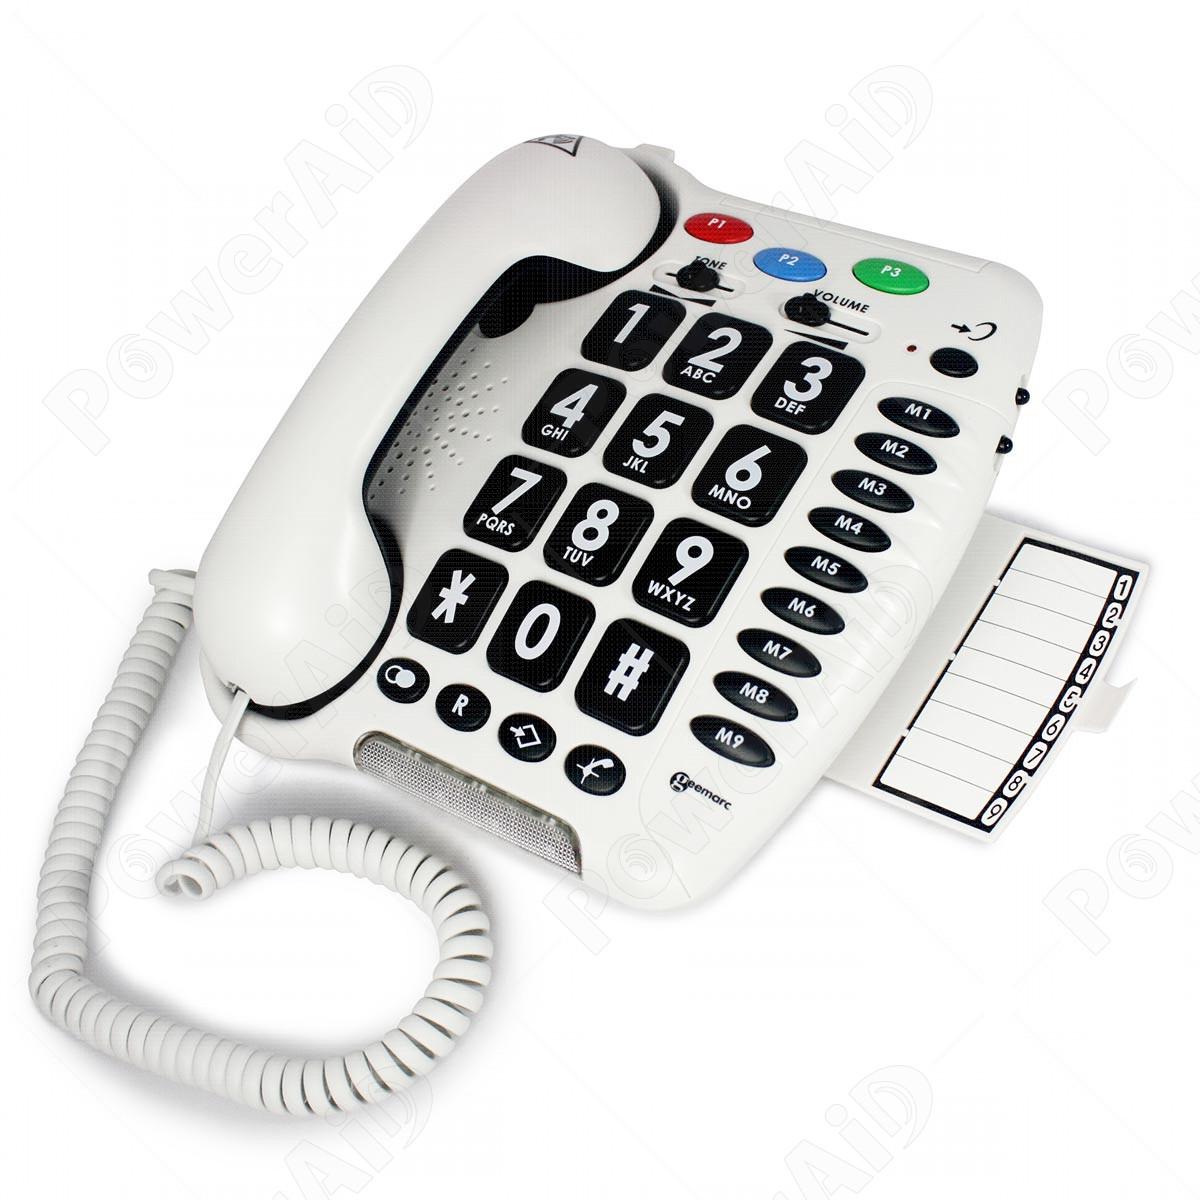 Geemarc - CL100 telefono amplificato